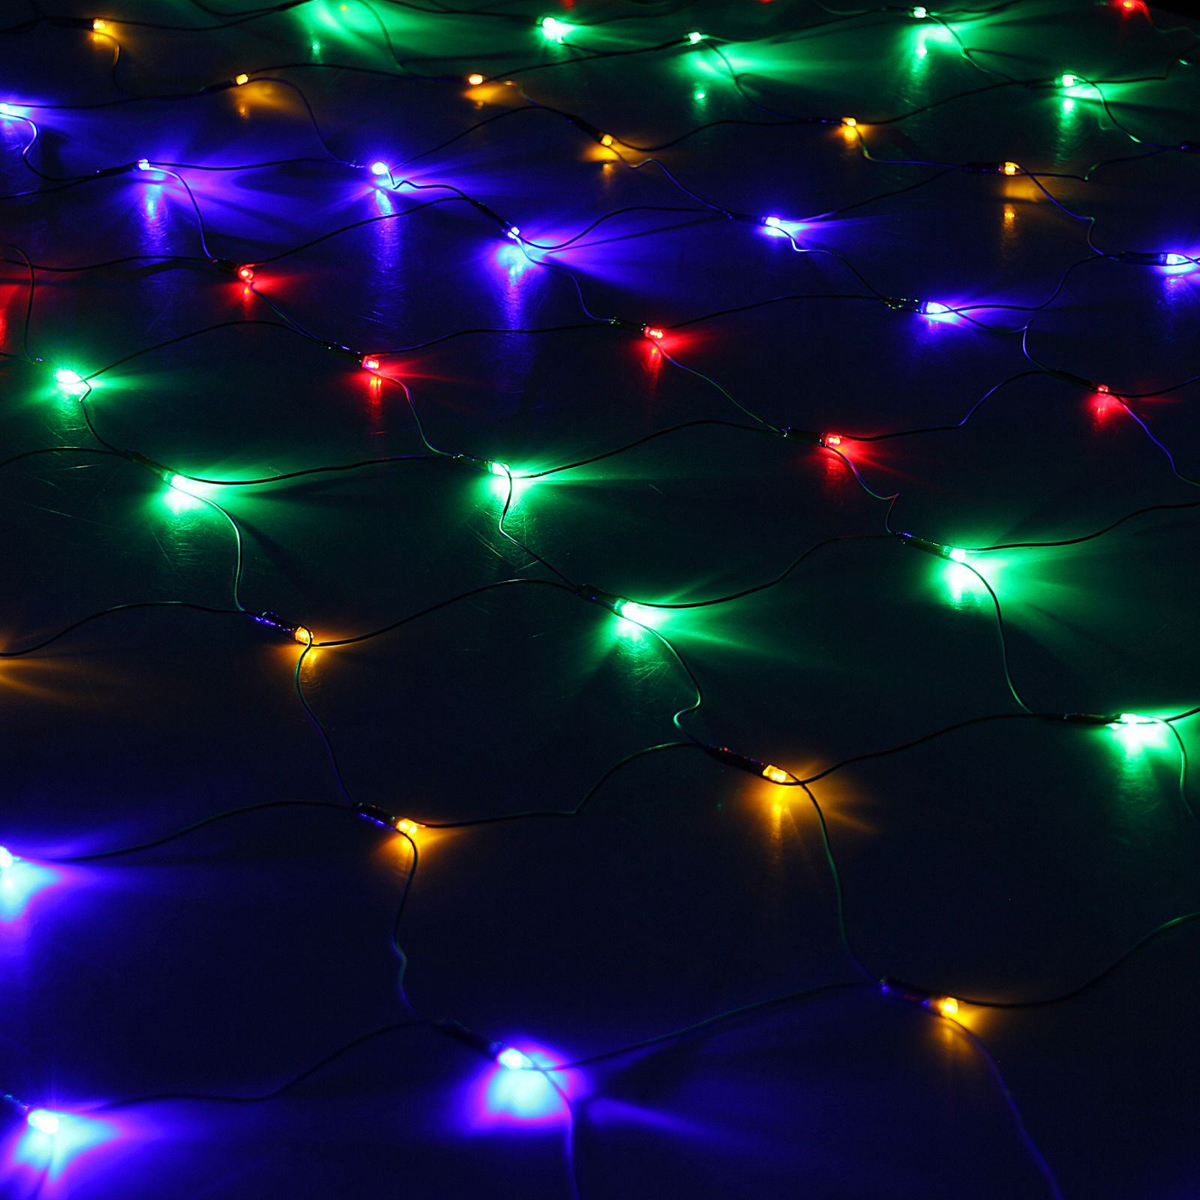 Гирлянда Luazon Сетка, диаметр 1,5 м, LED 204 ламп, 220V, цвет: мультиколор1585760Светодиодные гирлянды, ленты и т.д — это отличный вариант для новогоднего оформления интерьера или фасада. С их помощью помещение любого размера можно превратить в праздничный зал, а внешние элементы зданий, украшенные ими, мгновенно станут напоминать очертания сказочного дворца. Такие украшения создают ауру предвкушения чуда. Деревья, фасады, витрины, окна и арки будто специально созданы, чтобы вы украсили их светящимися нитями.